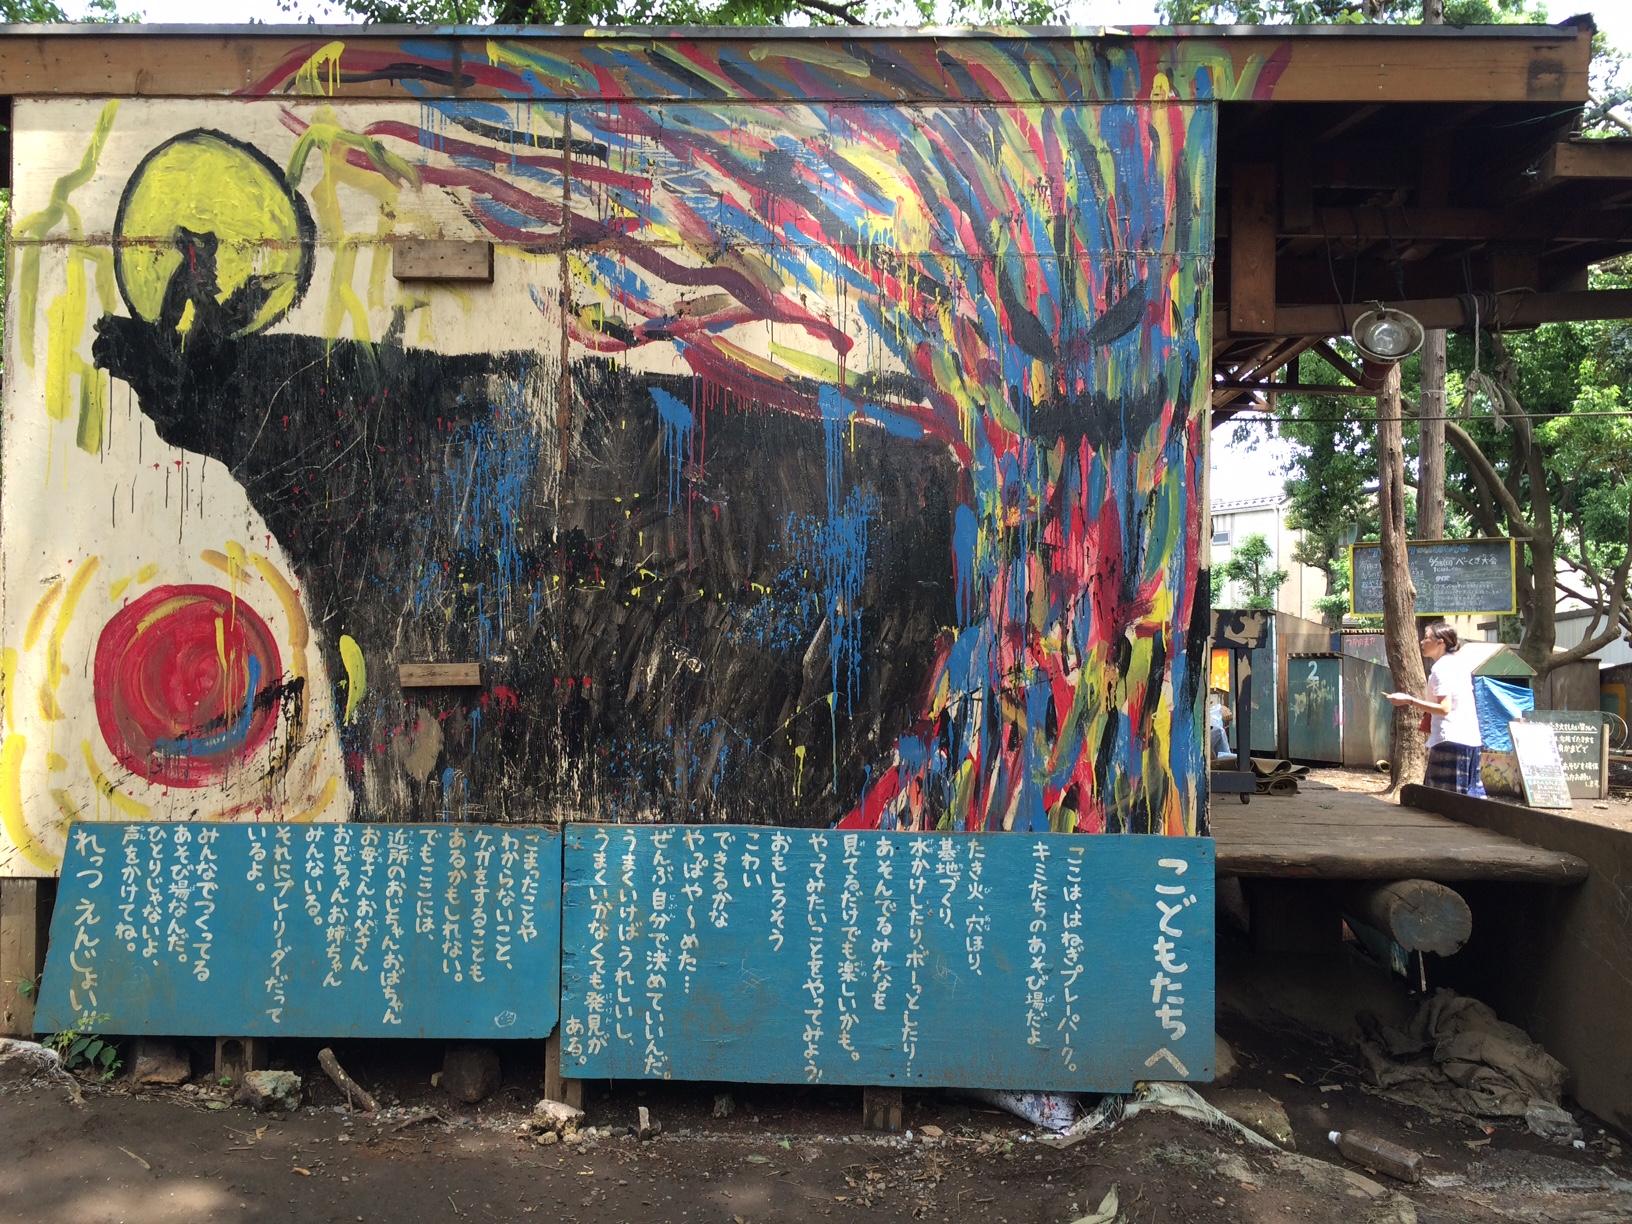 授乳室探訪⑪ 羽根木公園+羽根木プレーパーク